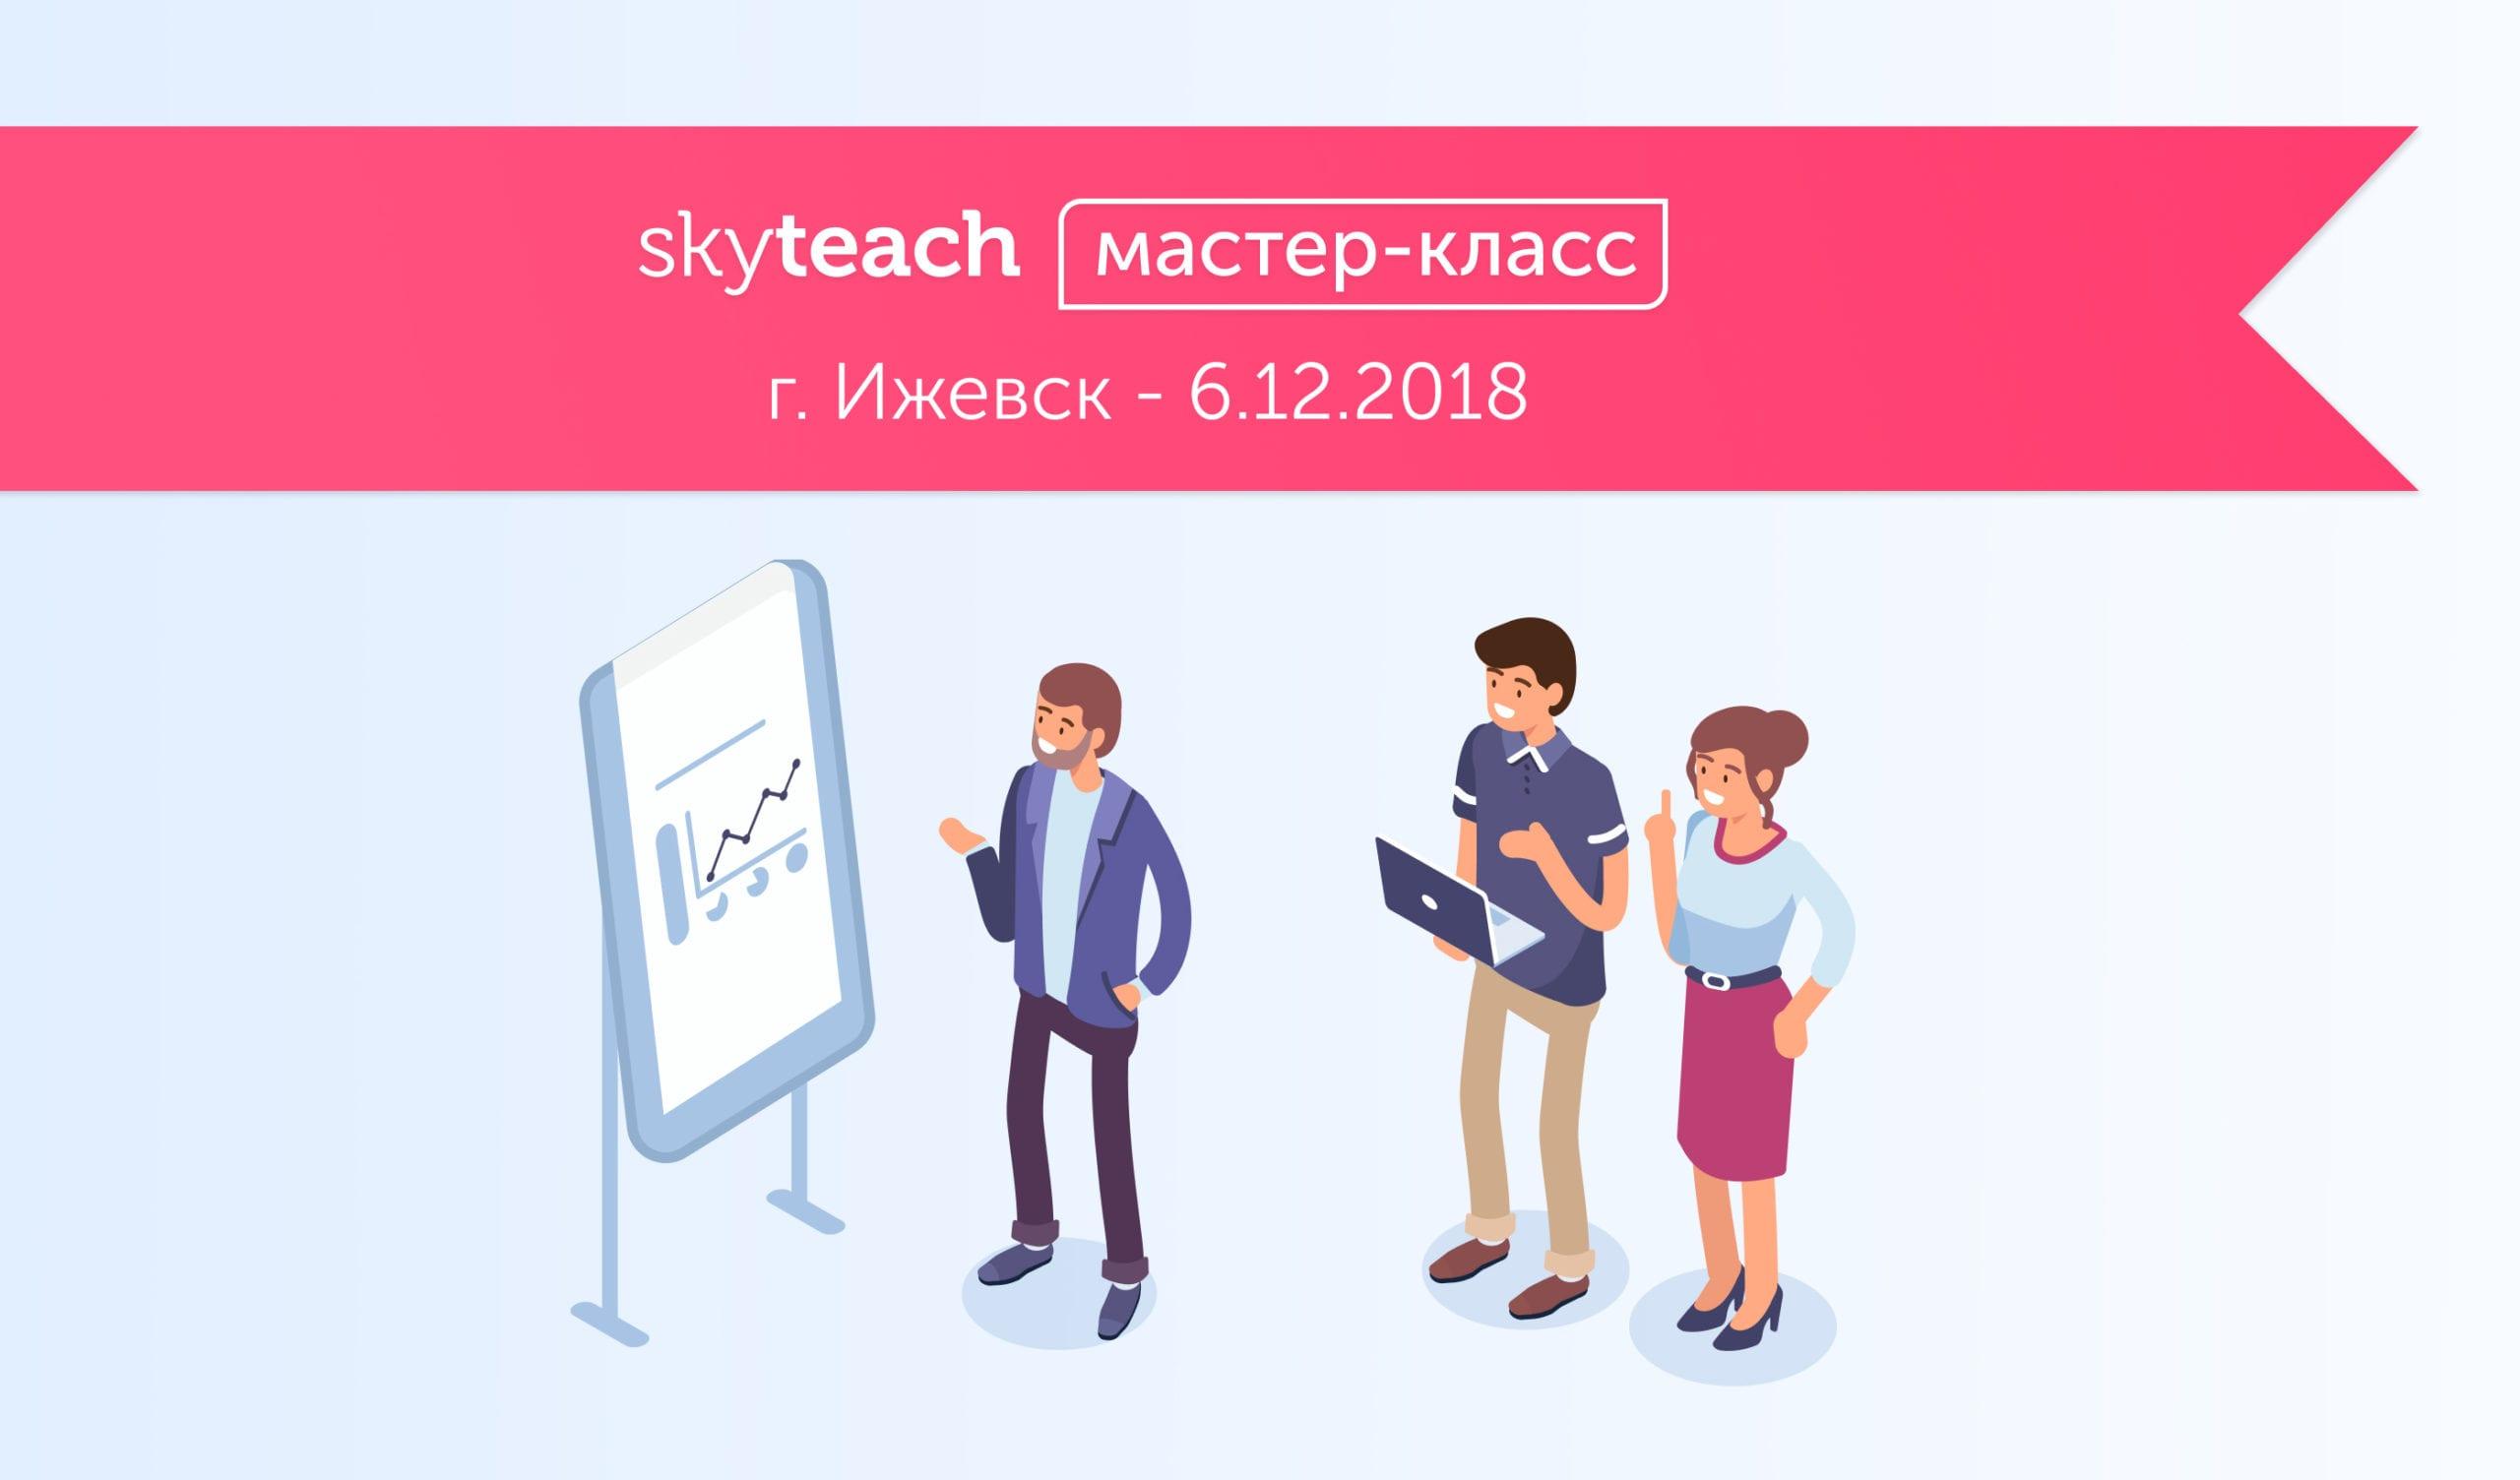 Networking Workshop от Skyteach в Ижевске – уже через два дня!